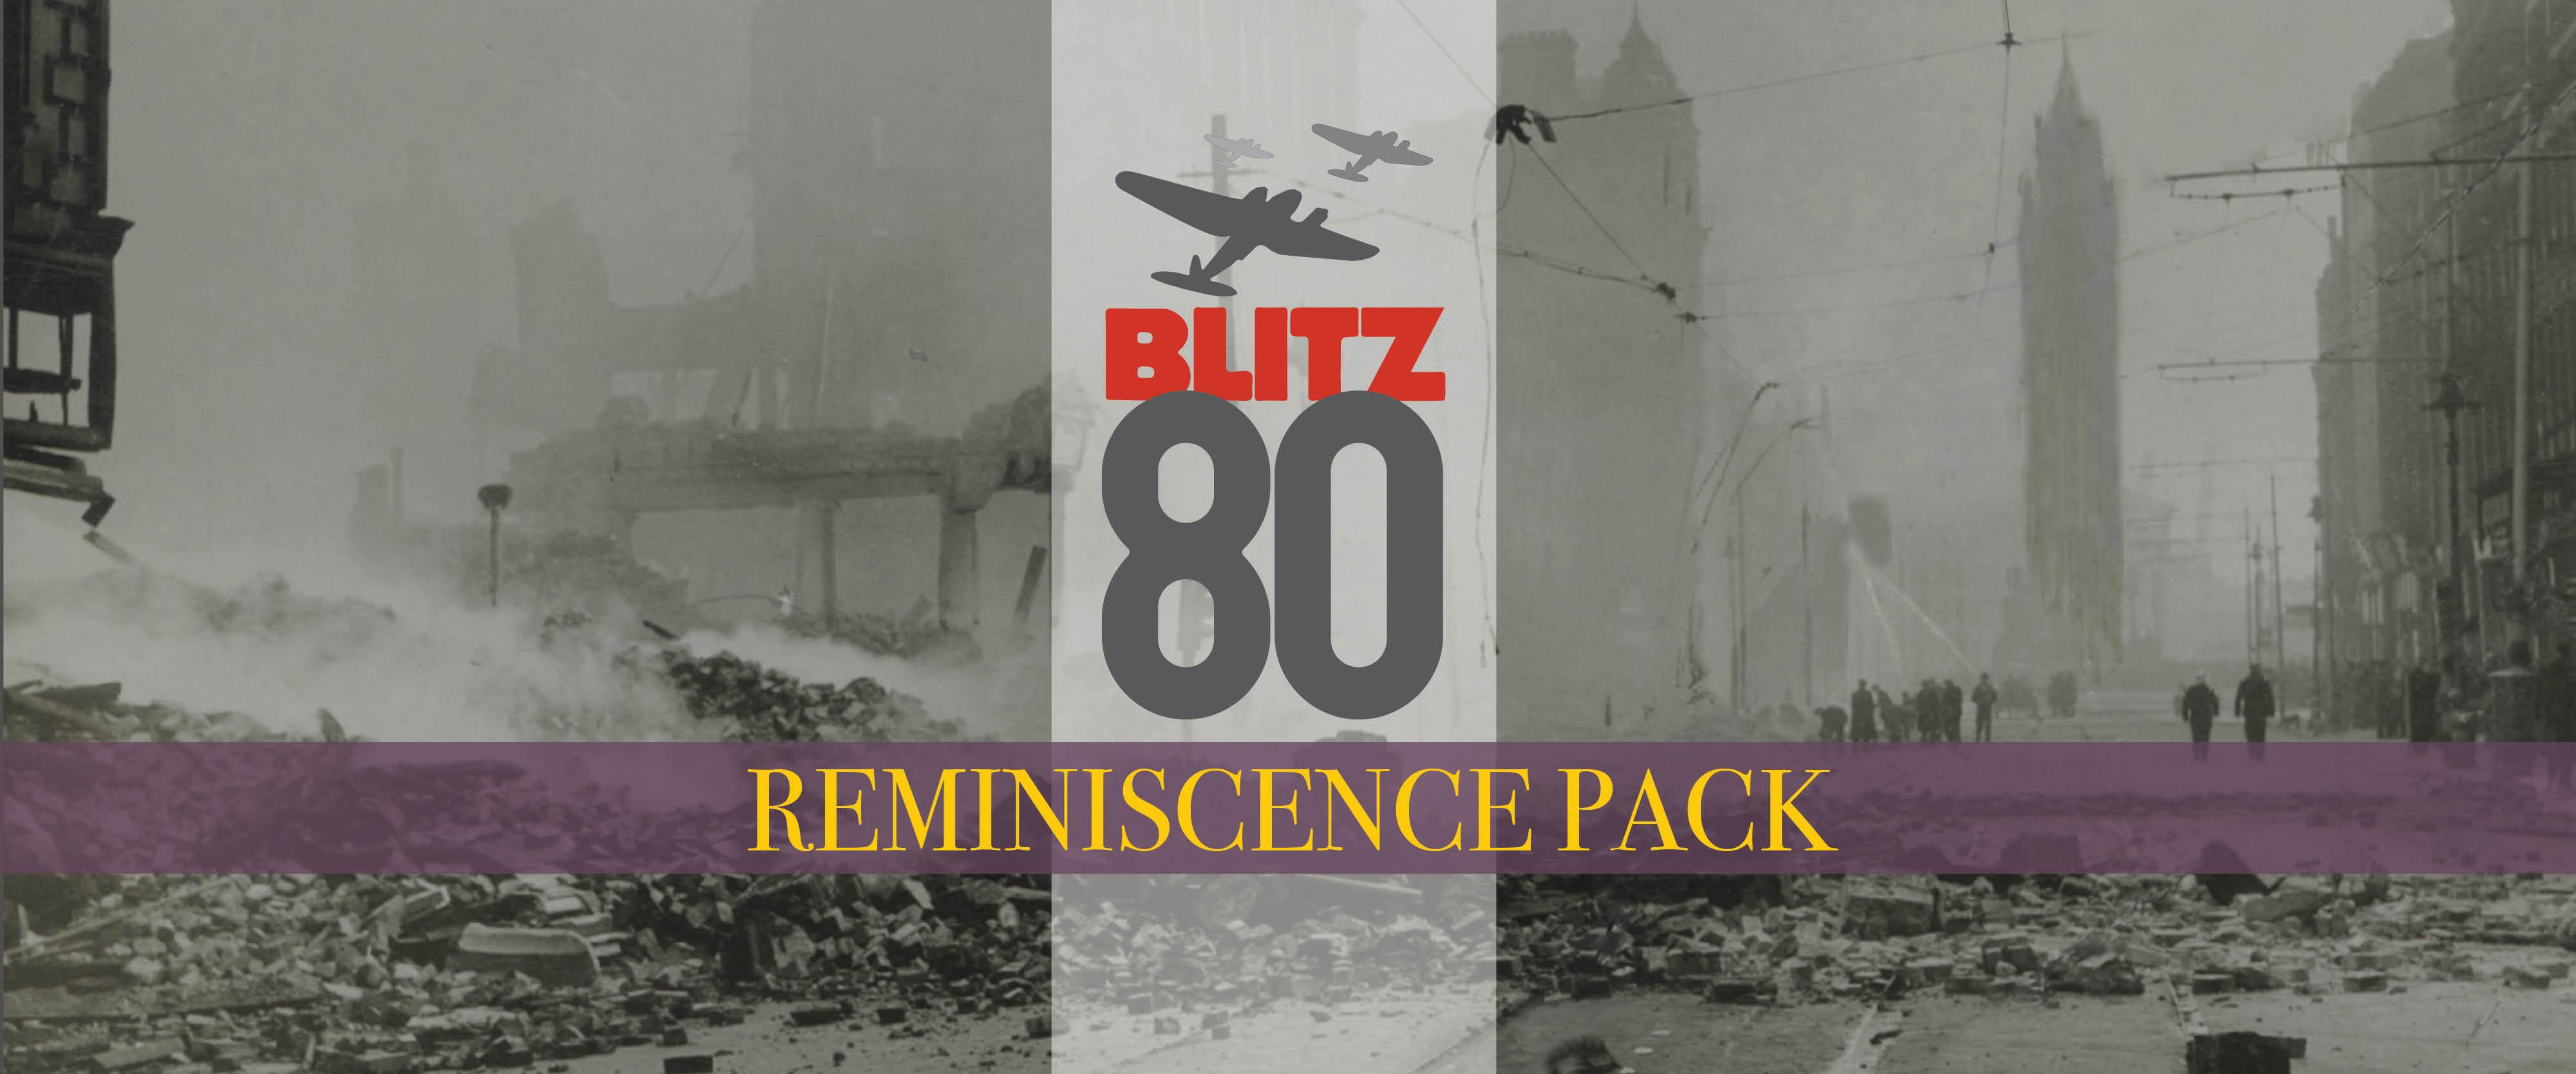 Blitz 80 Reminiscence Pack